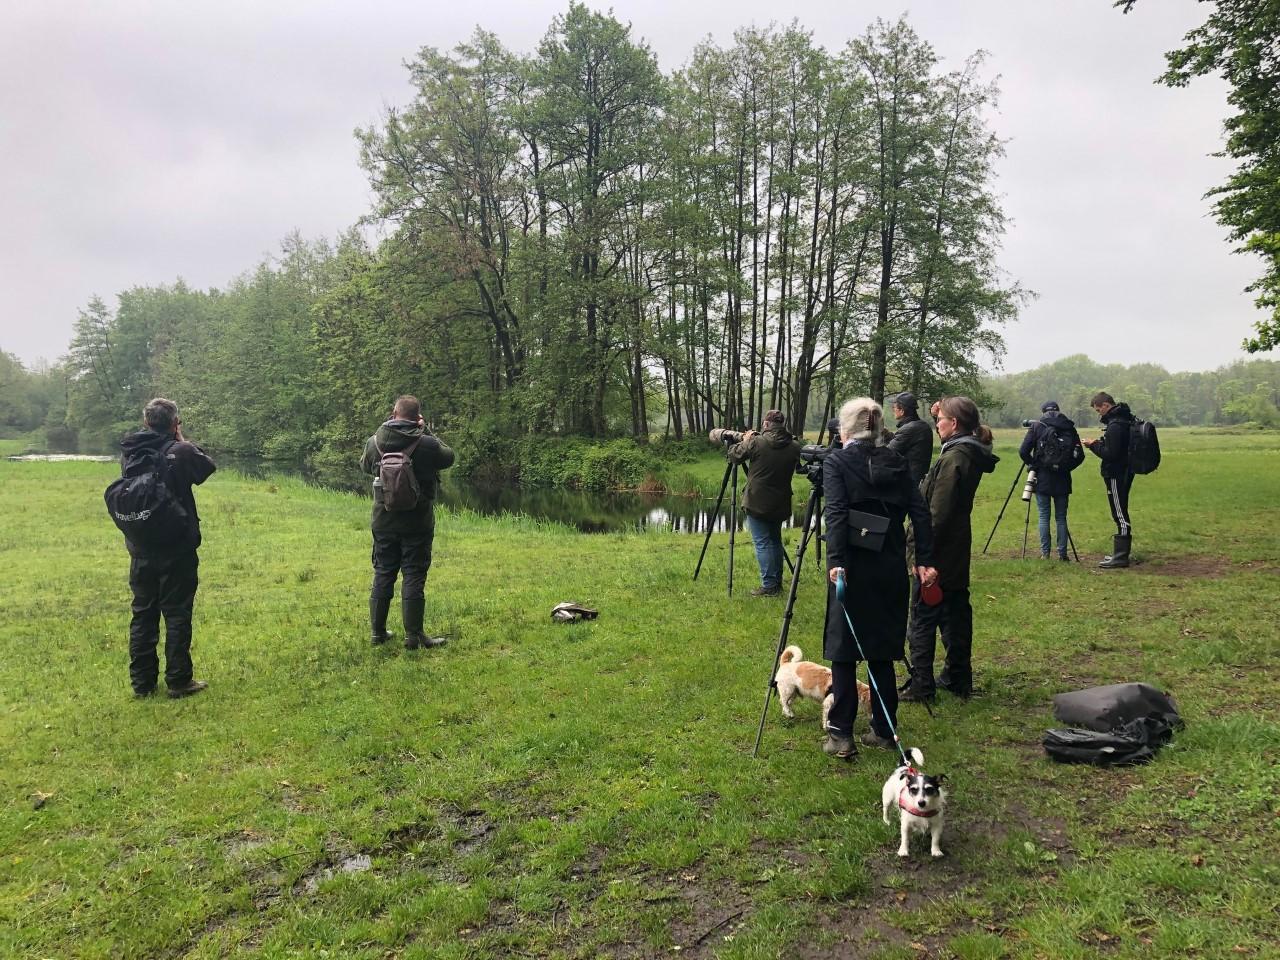 Zeldzame ralreiger laat zich zien tussen Bussum en de Hilversumse Meent: vogelaars staan rijen dik met camera in de aanslag